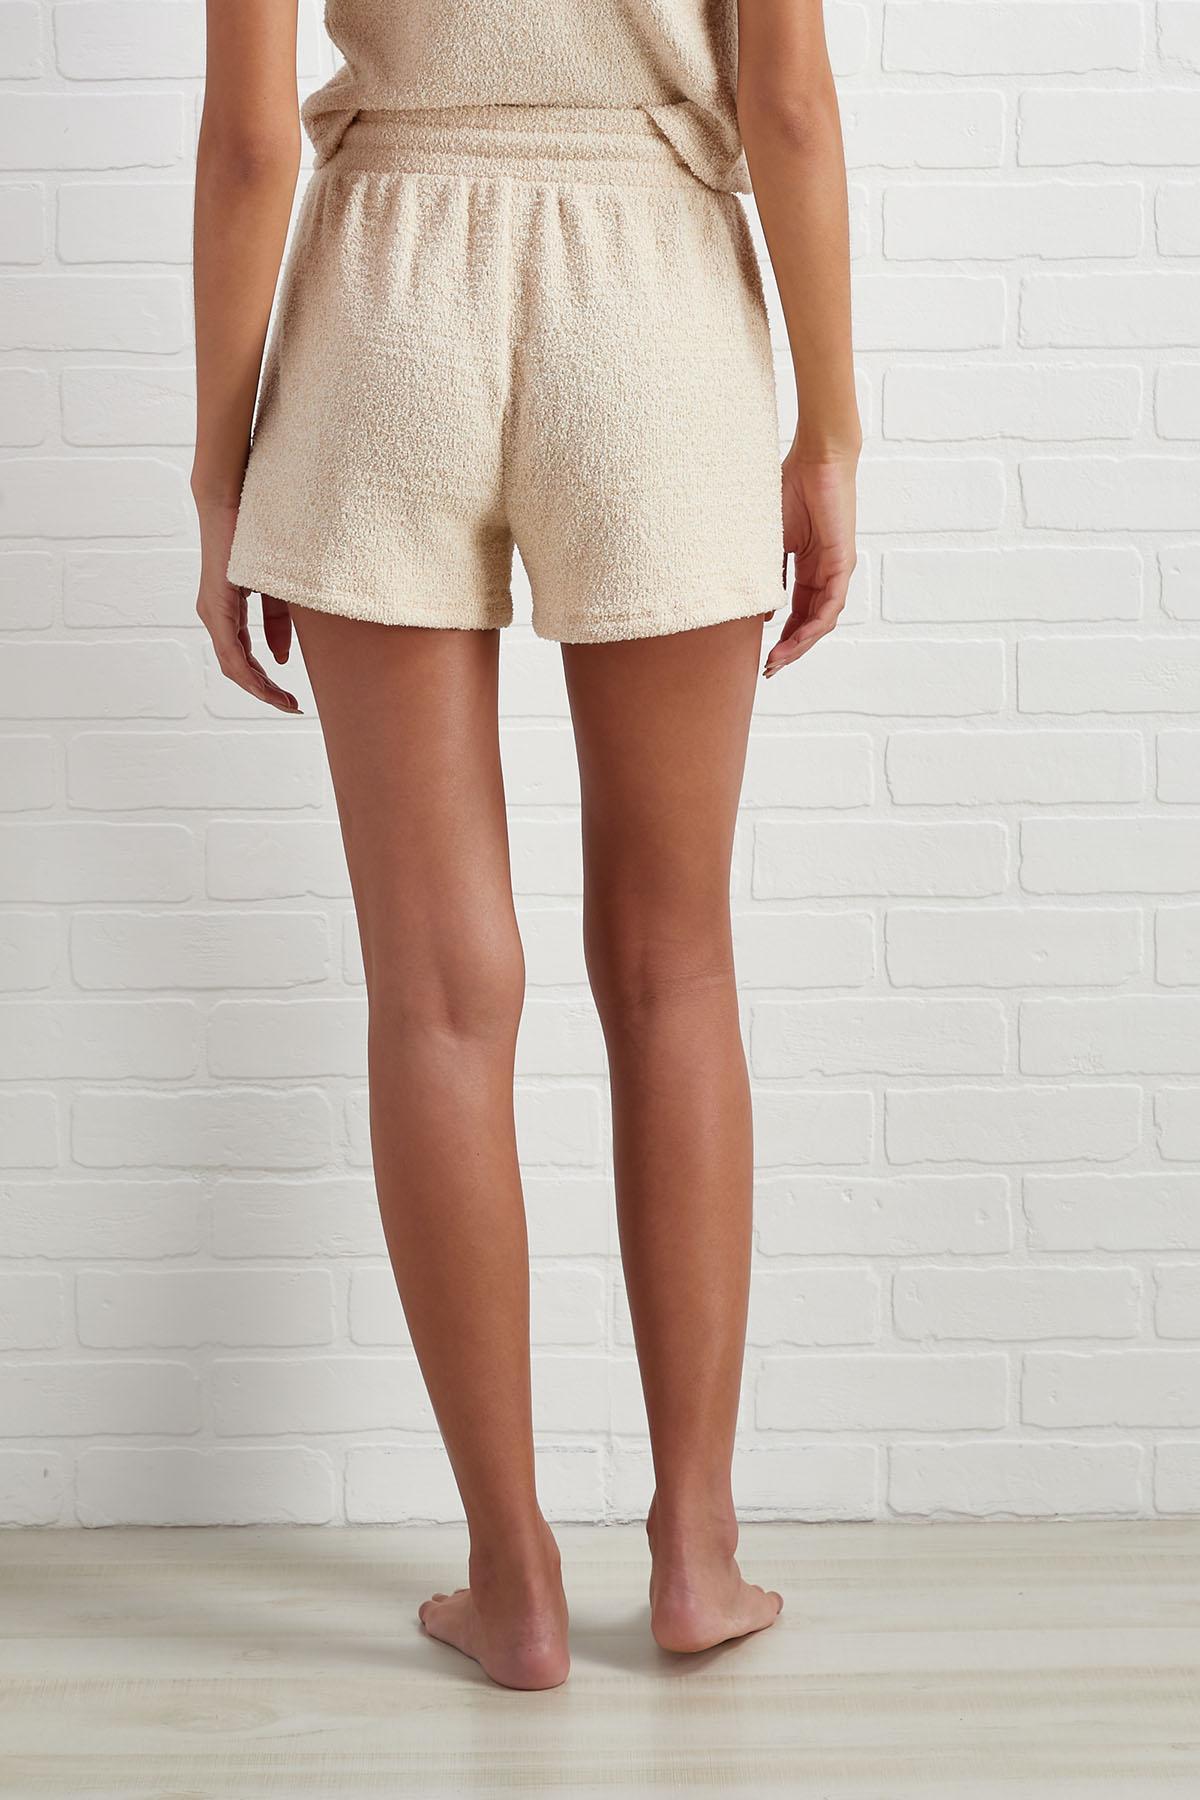 Fuzzy Wuzzy Shorts